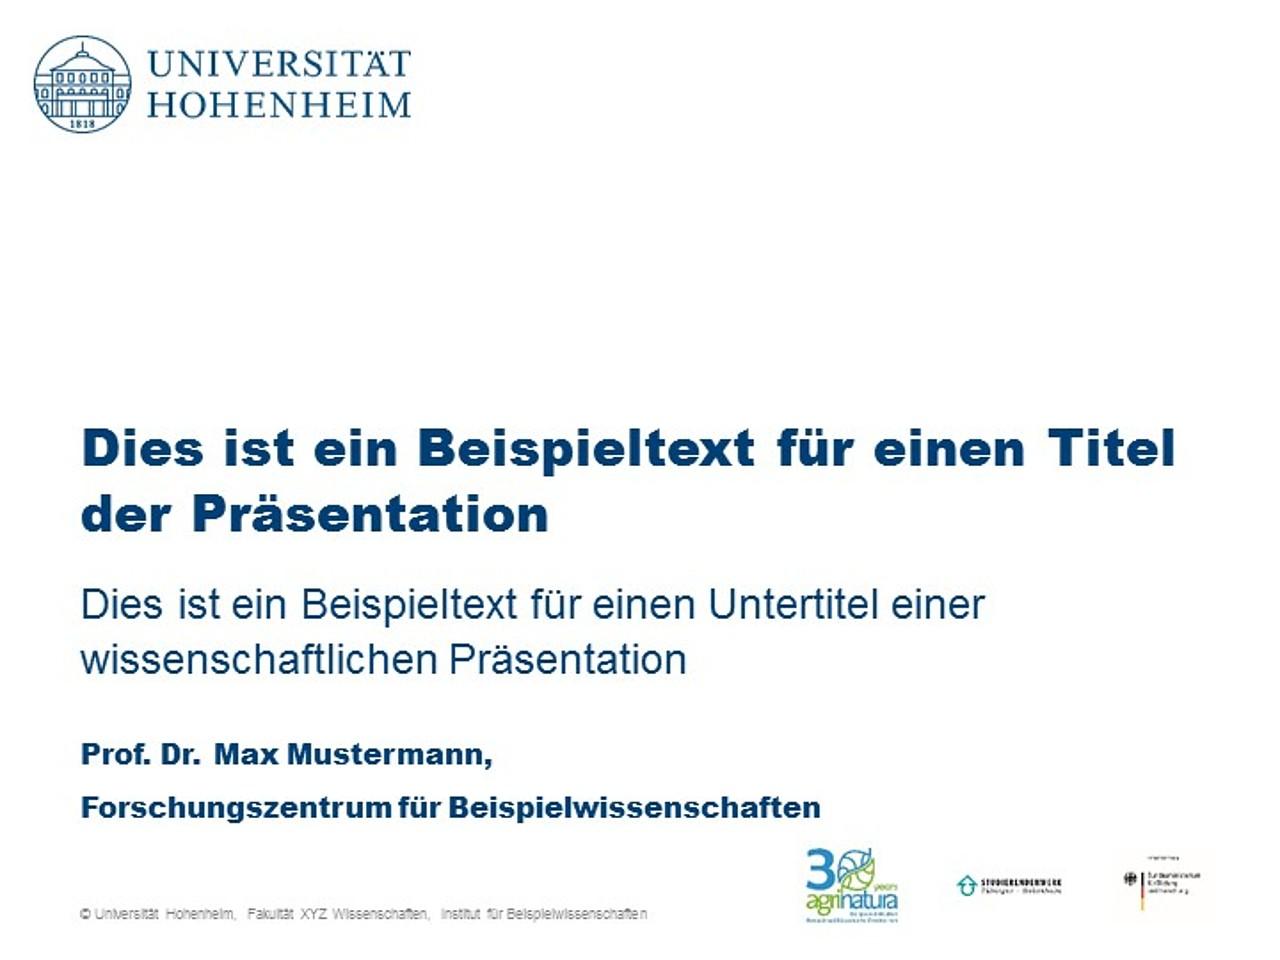 Wissenschaftliche Medien Universitat Hohenheim